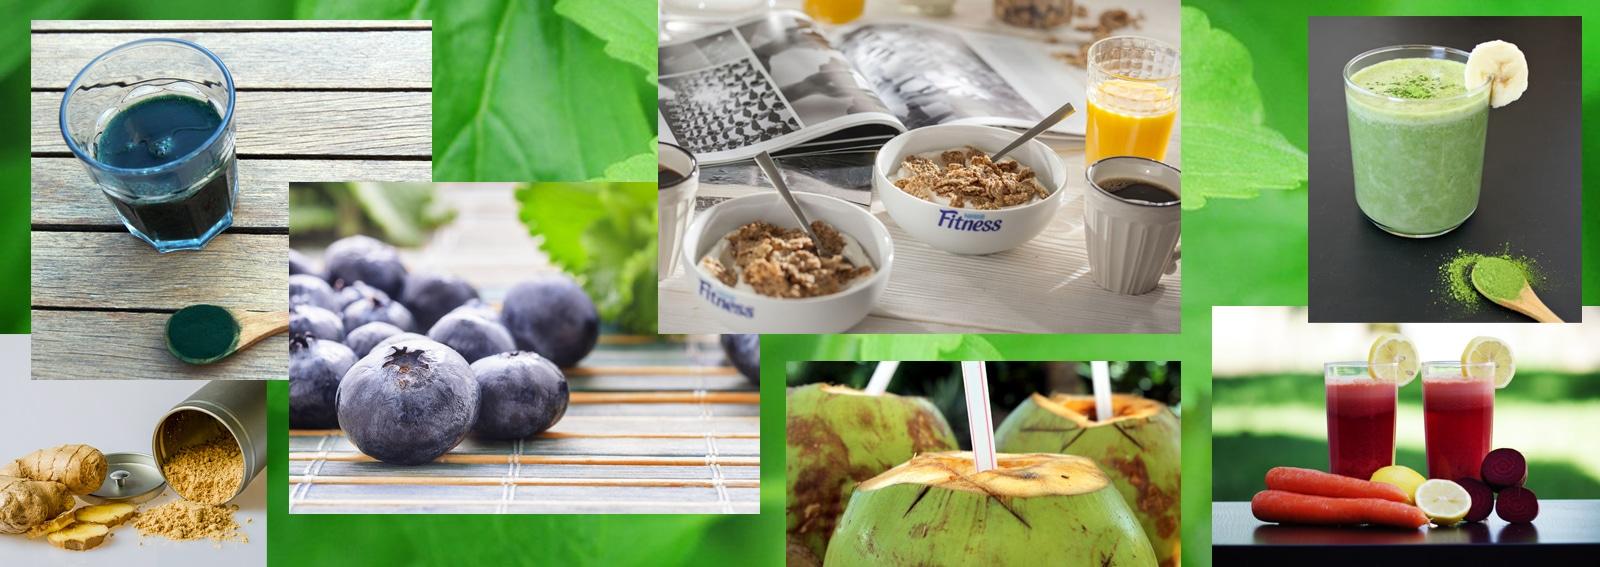 colazione-cibi-sani-benefici-salute-benessere-dimagrire-desk